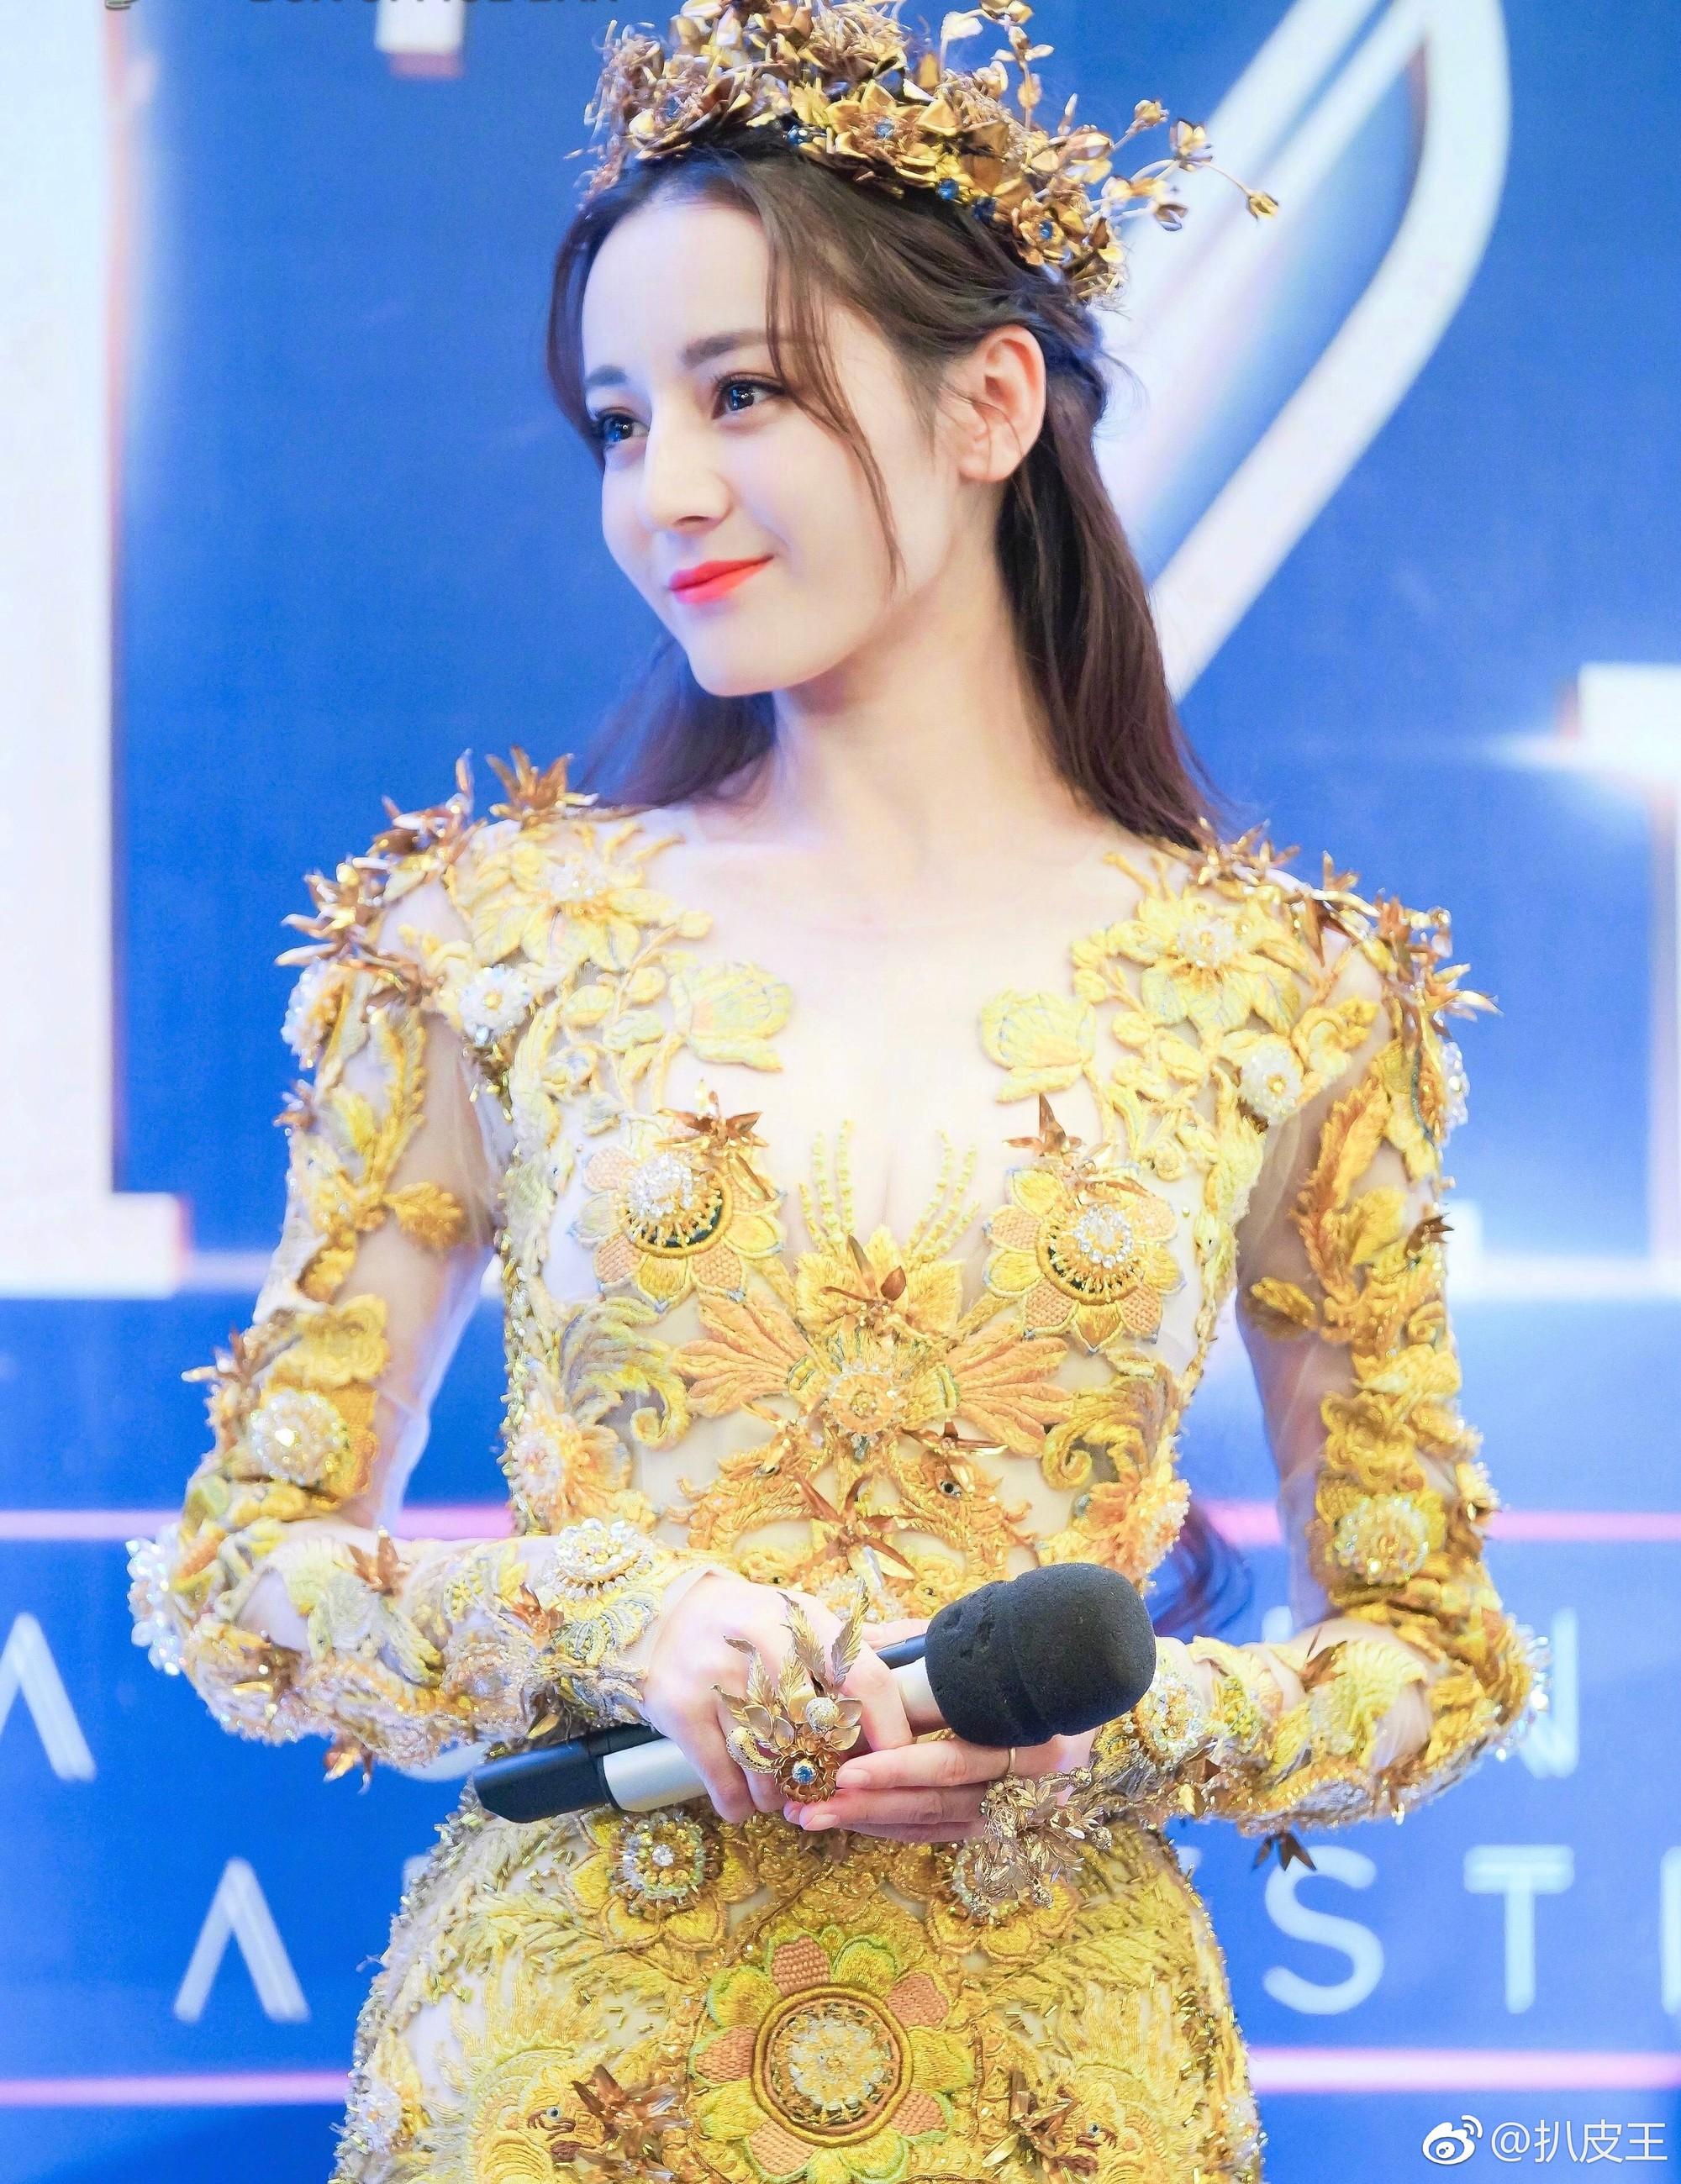 Mỹ nhân cực phẩm nhất đêm nay: Địch Lệ Nhiệt Ba hoá thân thành Nữ thần Kim Ưng, xuất sắc như tiên giáng trần - Ảnh 10.